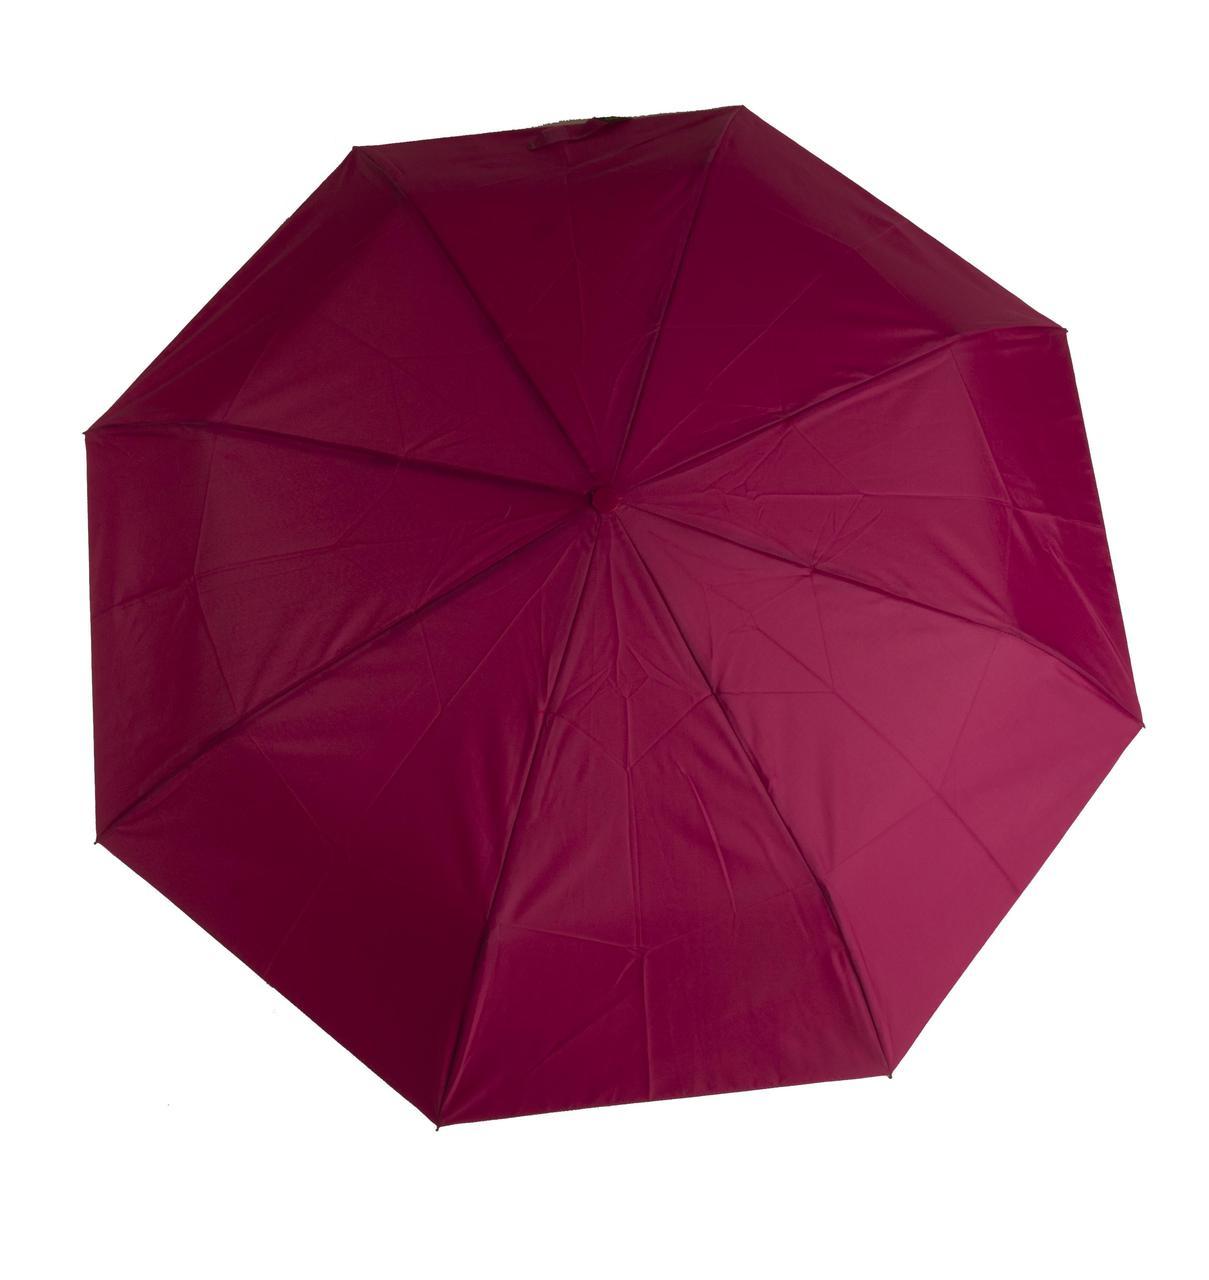 Женский симпатичный однотонный прочный зонтик автомат SUSINO art. 53002 малиновый (102896)